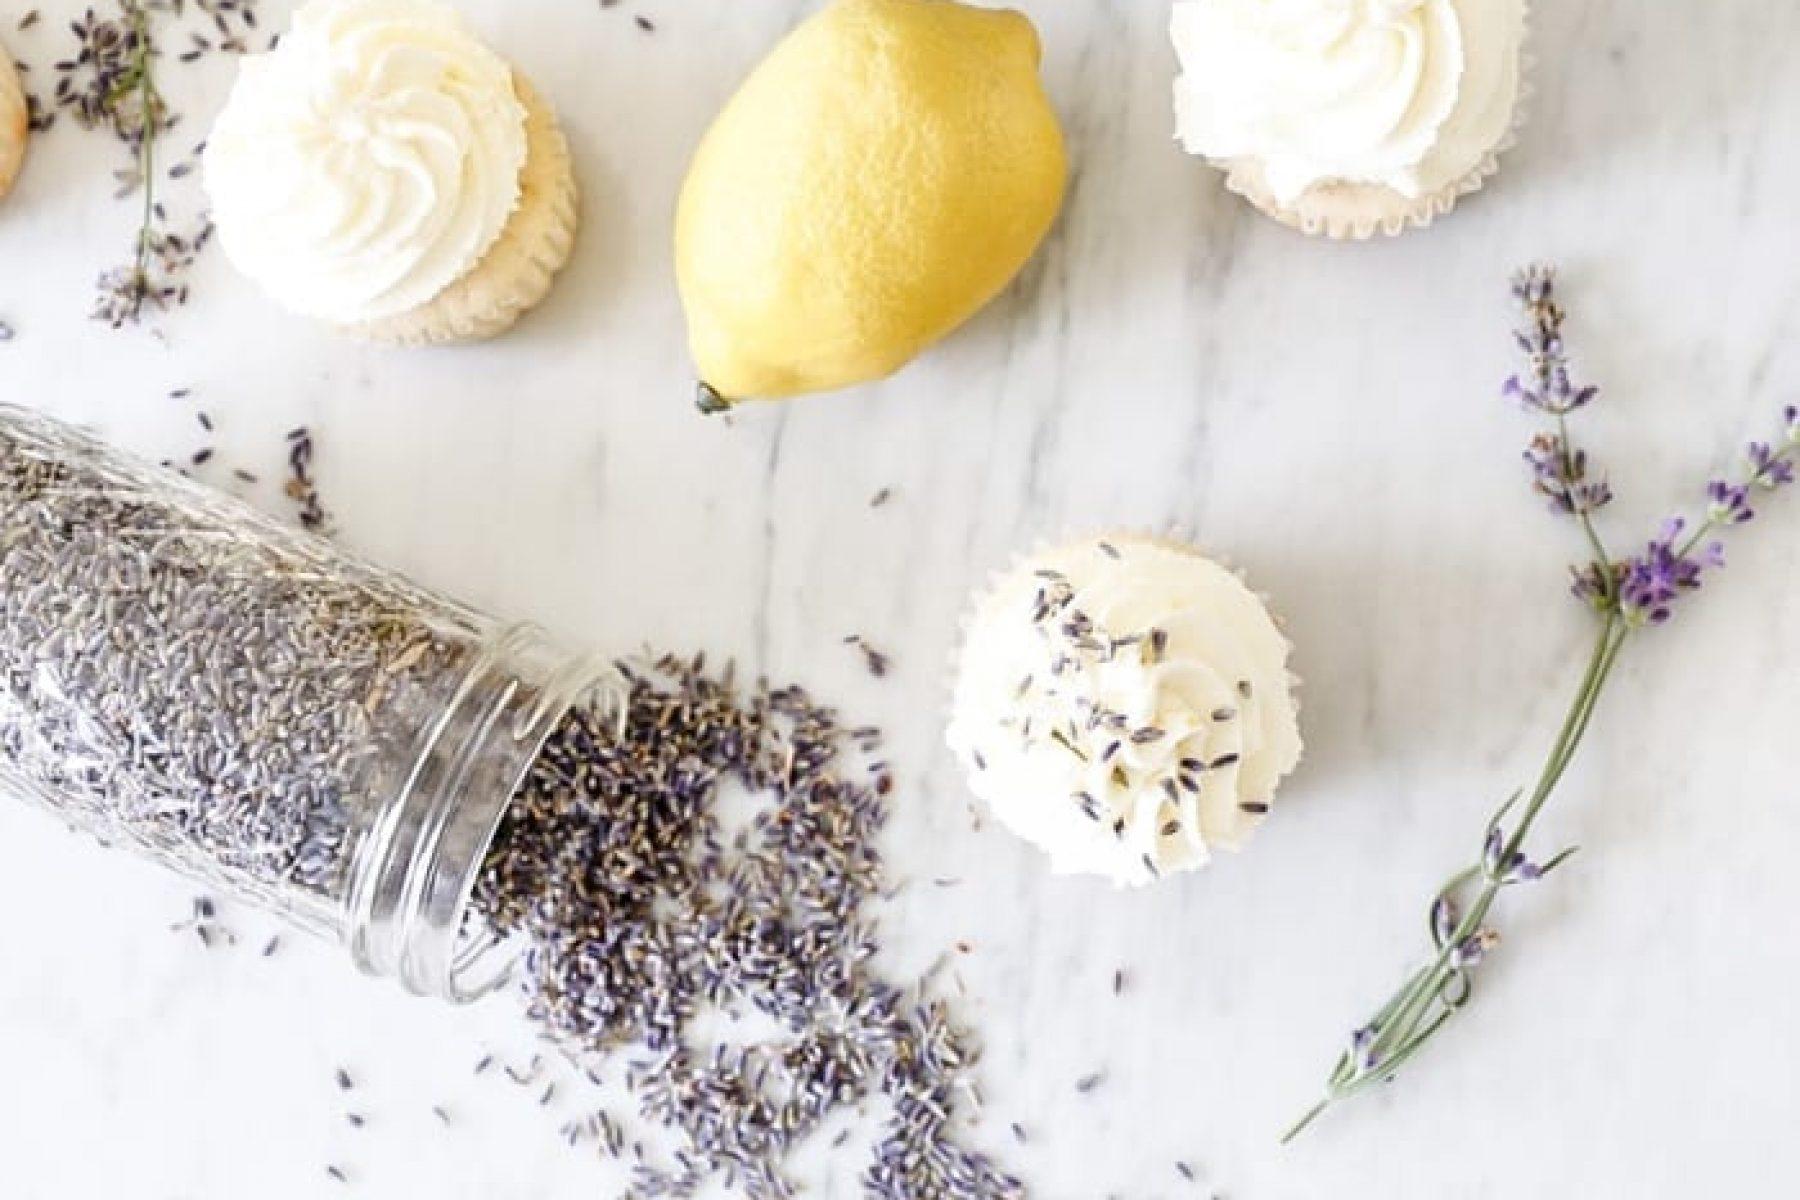 lavendar-vanilla-cupcake-recipe-x-afternoon-espresso-blog-5